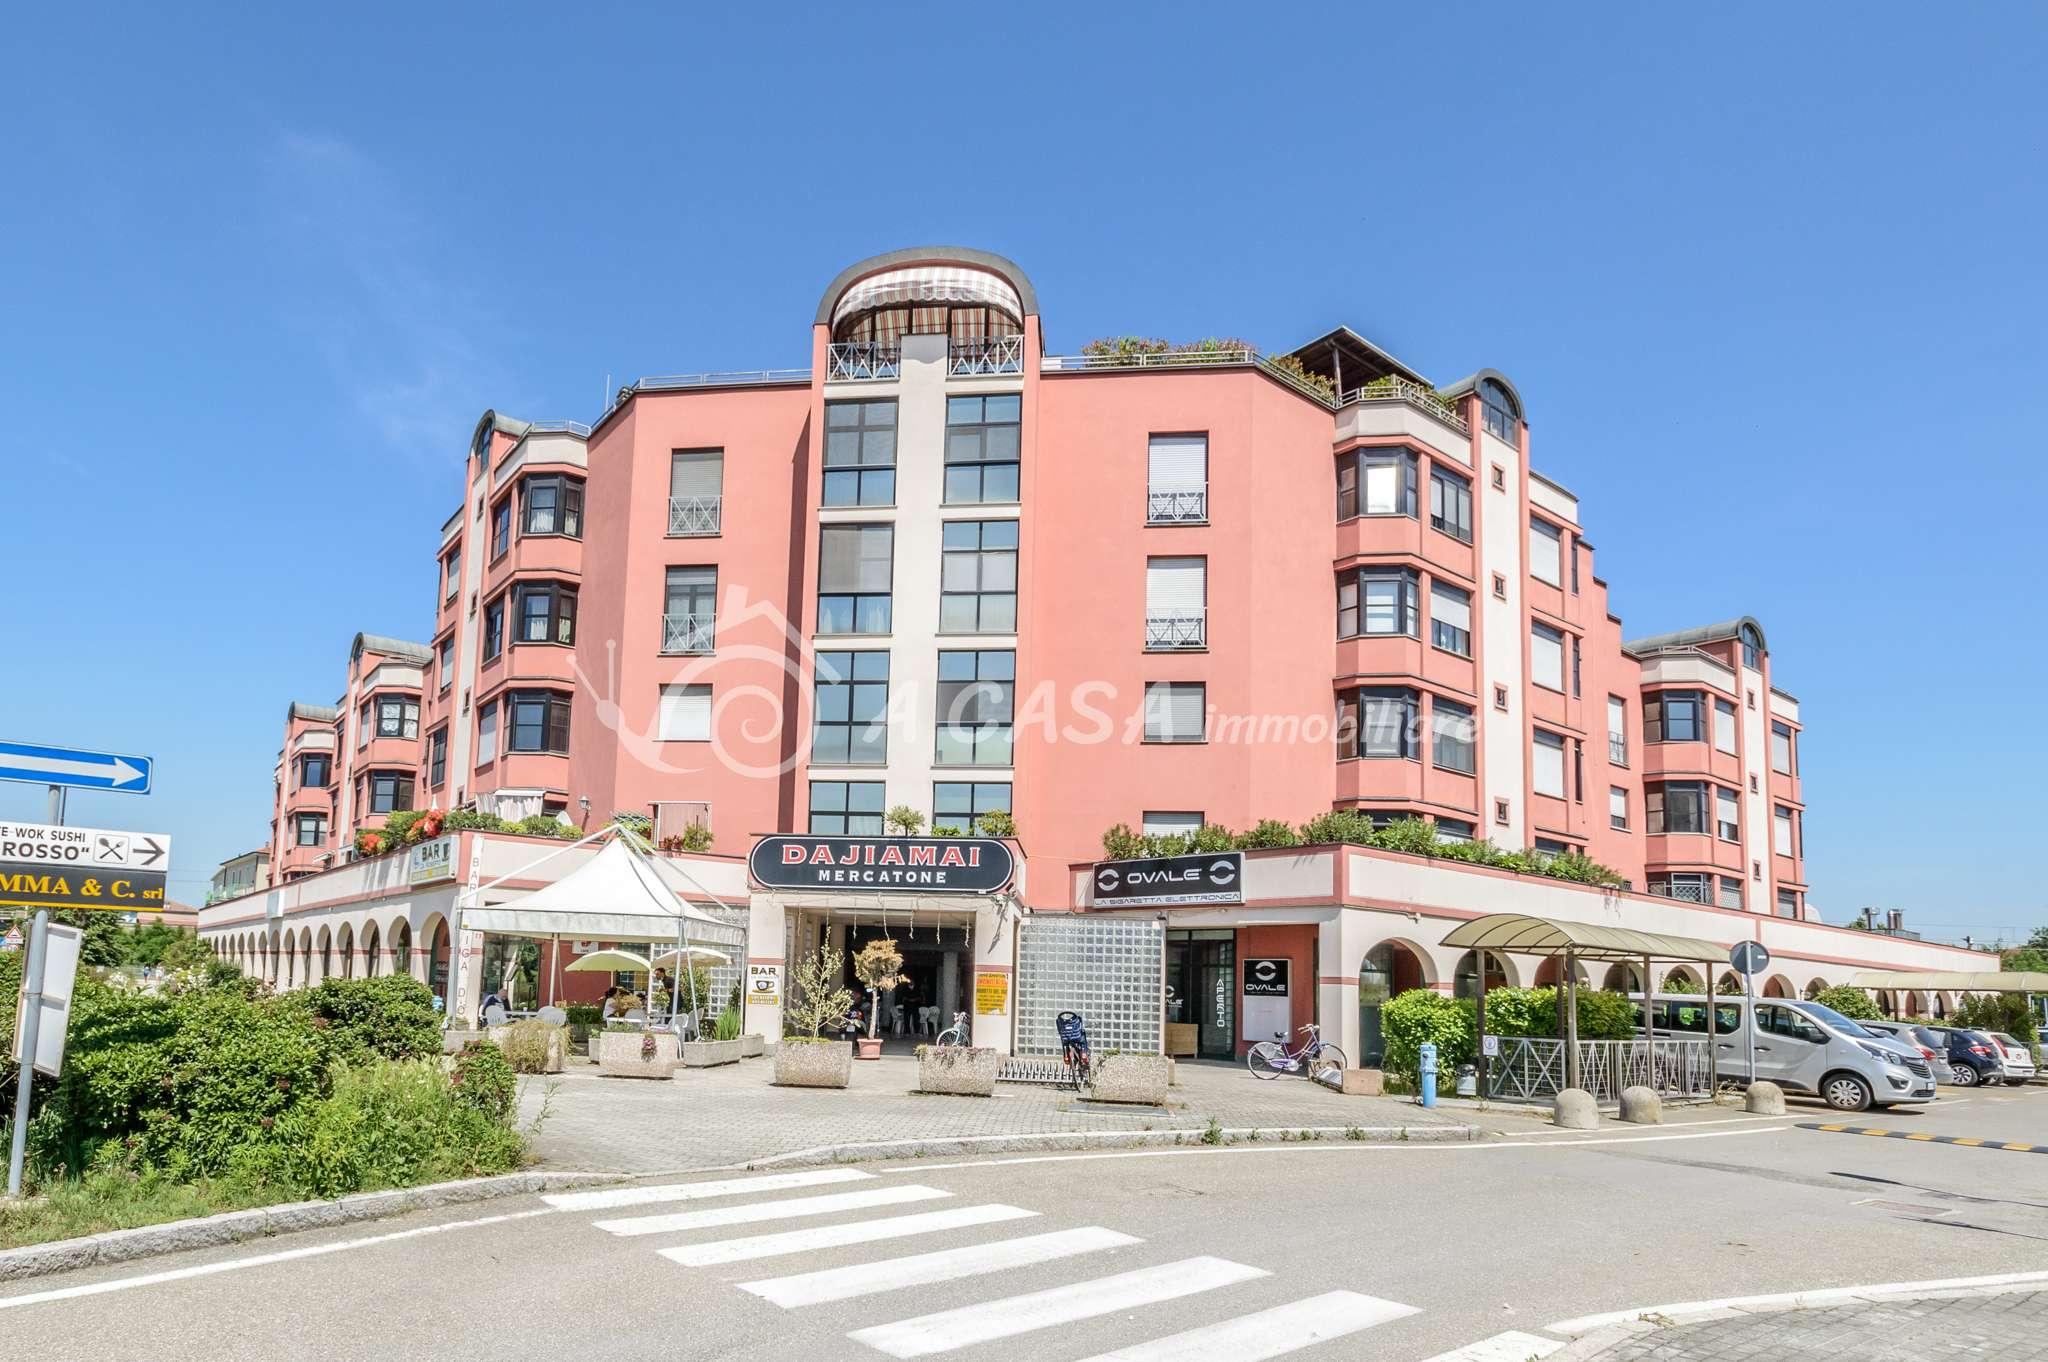 Appartamento in vendita a Fidenza, 3 locali, prezzo € 115.000 | CambioCasa.it